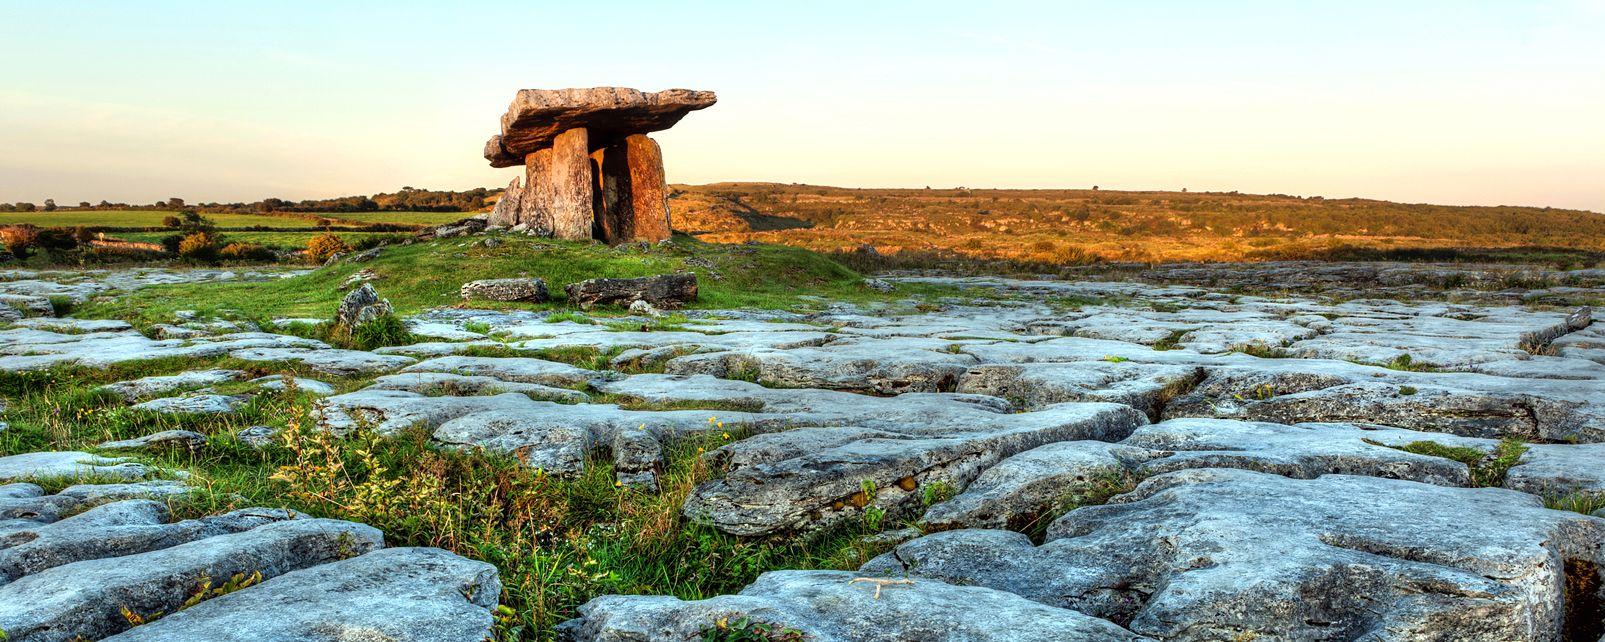 Las colinas calcáreas del Burren, El desierto calcáreo de Burren, Los paisajes, Irlanda